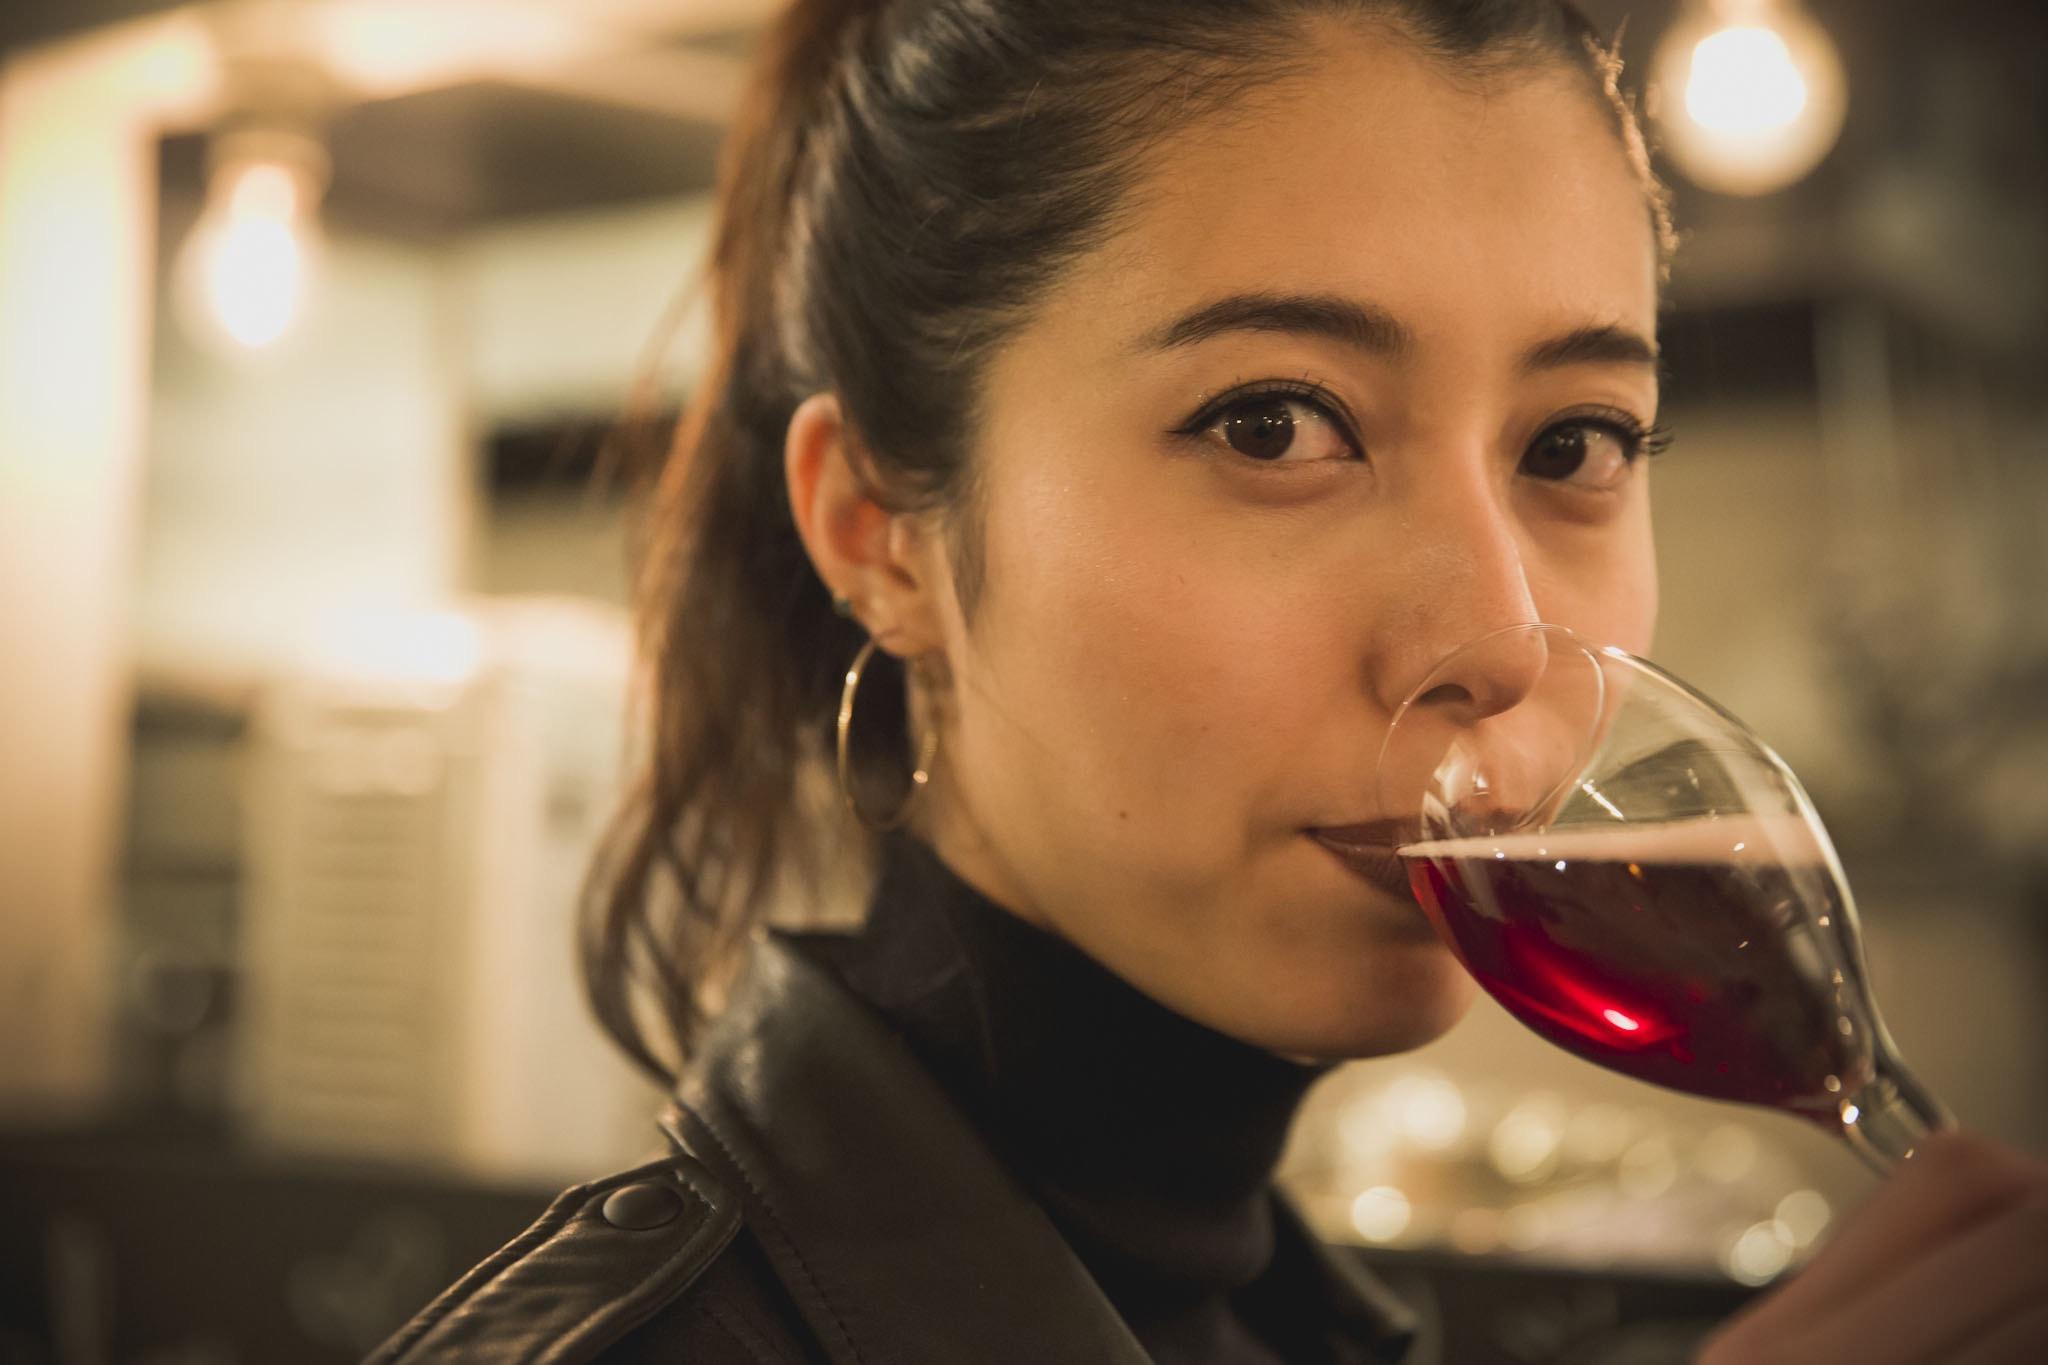 酒と街とマスターと女vol.2/オーガニックワインとマッチングするビストロ【麻布十番】蝶蝶